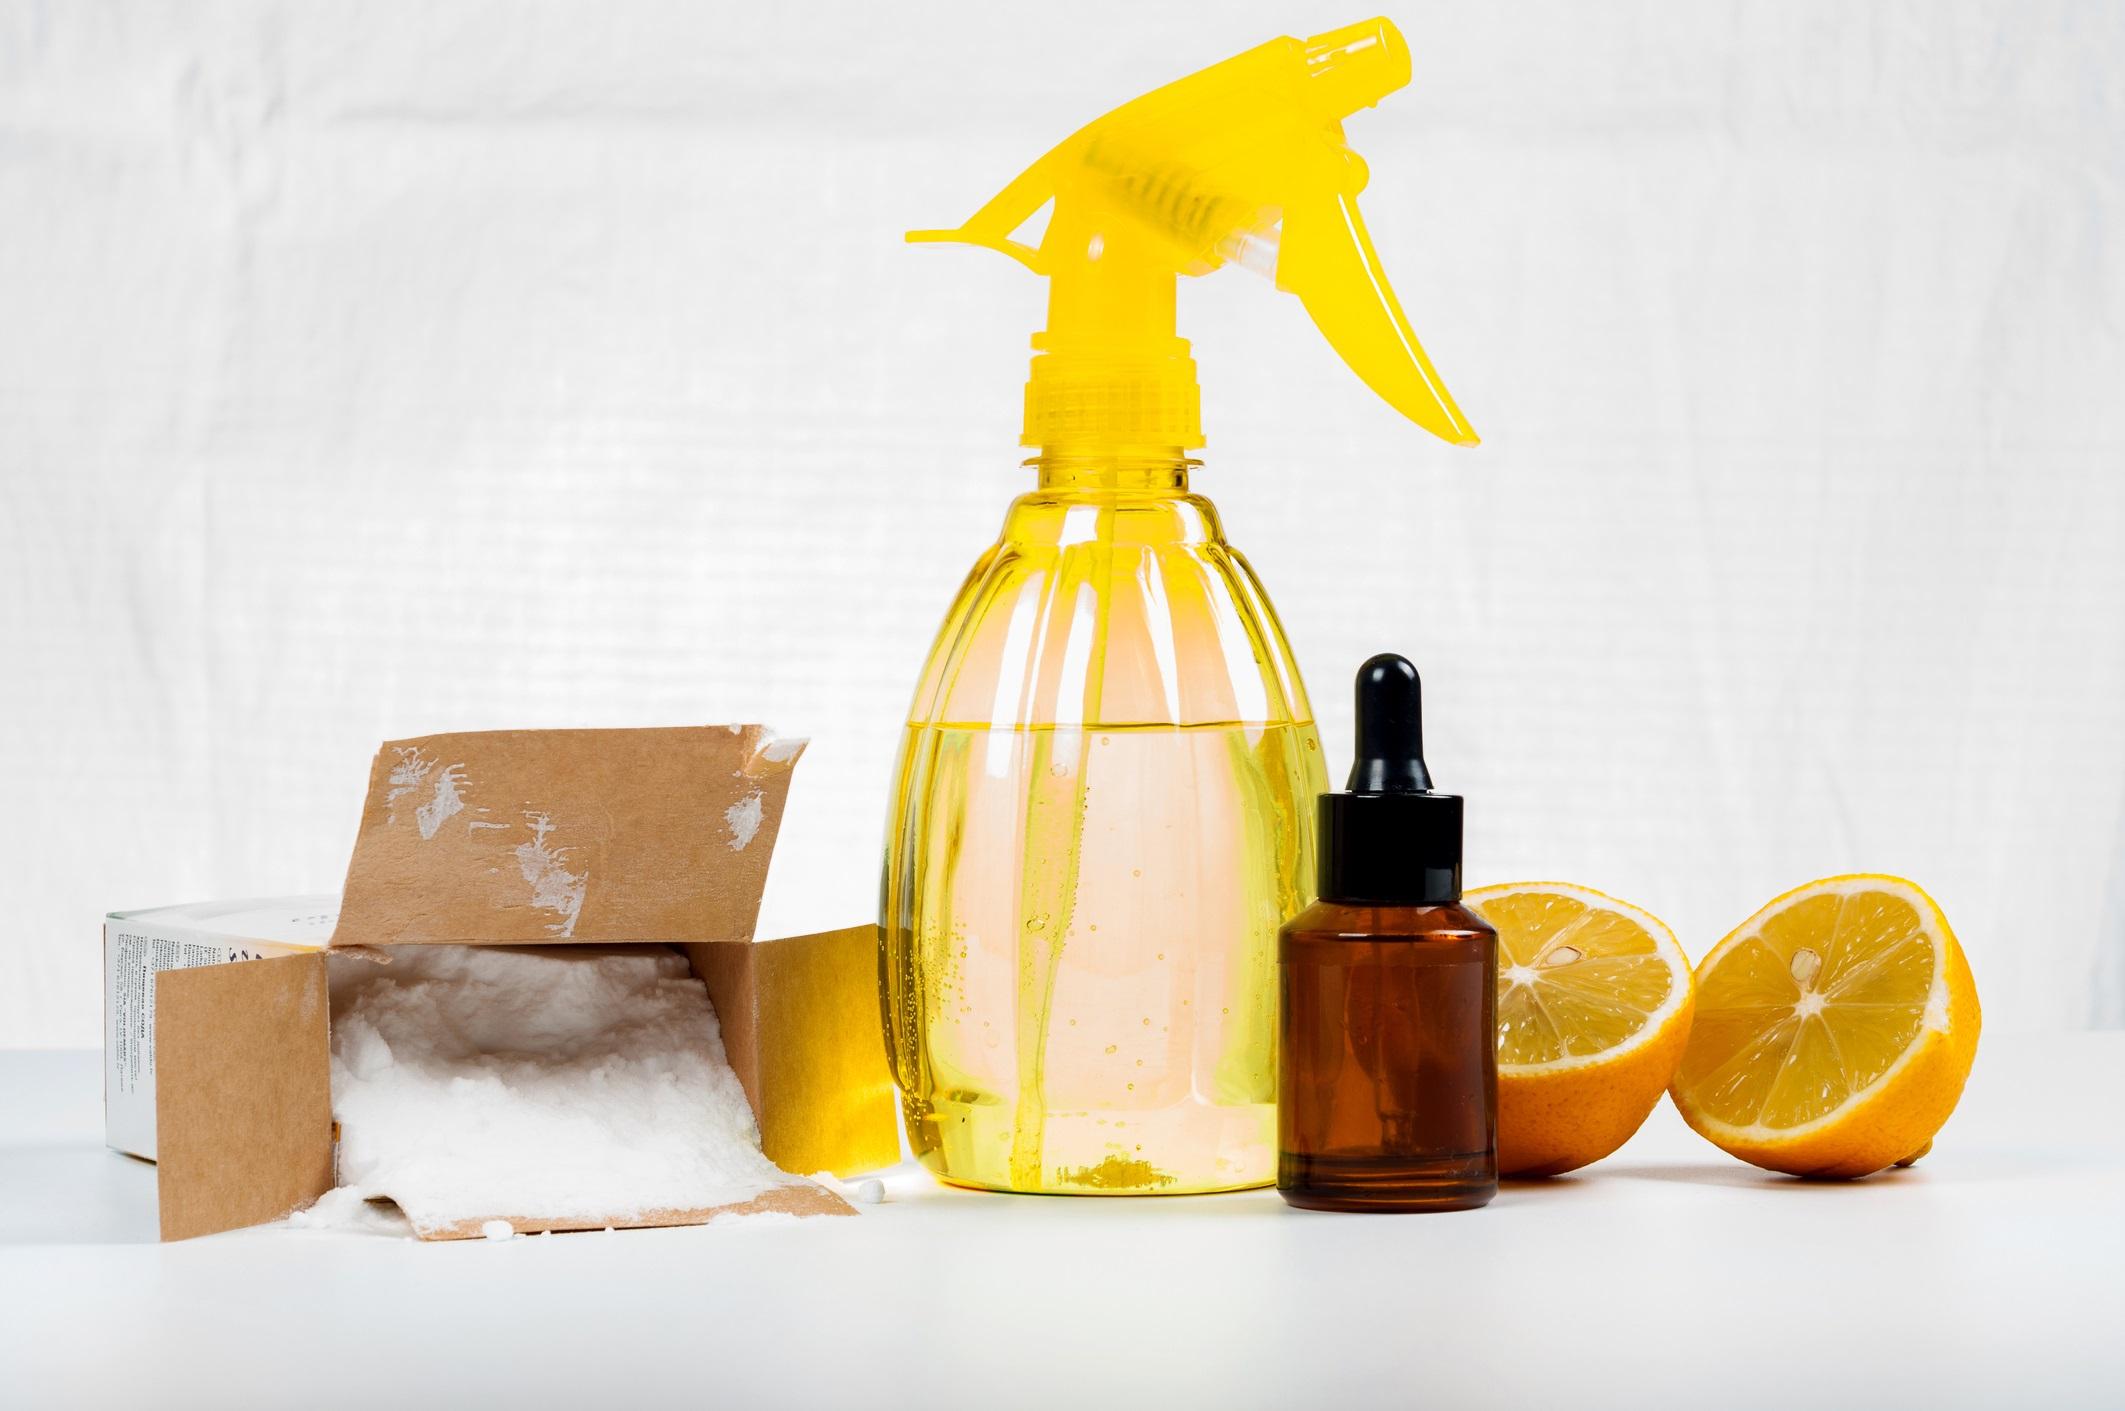 <p>Почистващи препарати<br /> <br /> Трябва да бъдете толкова внимателни при избора на почистващи препарати за дома, колкото сте и в избора на козметични продукти. Почистващите препарати и боите съдържат органични съединения, които могат да влошат симптомите на хората с респираторни проблеми. Използвайте екологично чисти продукти, чиито съставки са ясно изброени на опаковките им. Те най-често са прозрачни. Нямате нужда от продукти, оцветени в ярко розово например, за да знаете, че препаратът работи.</p>